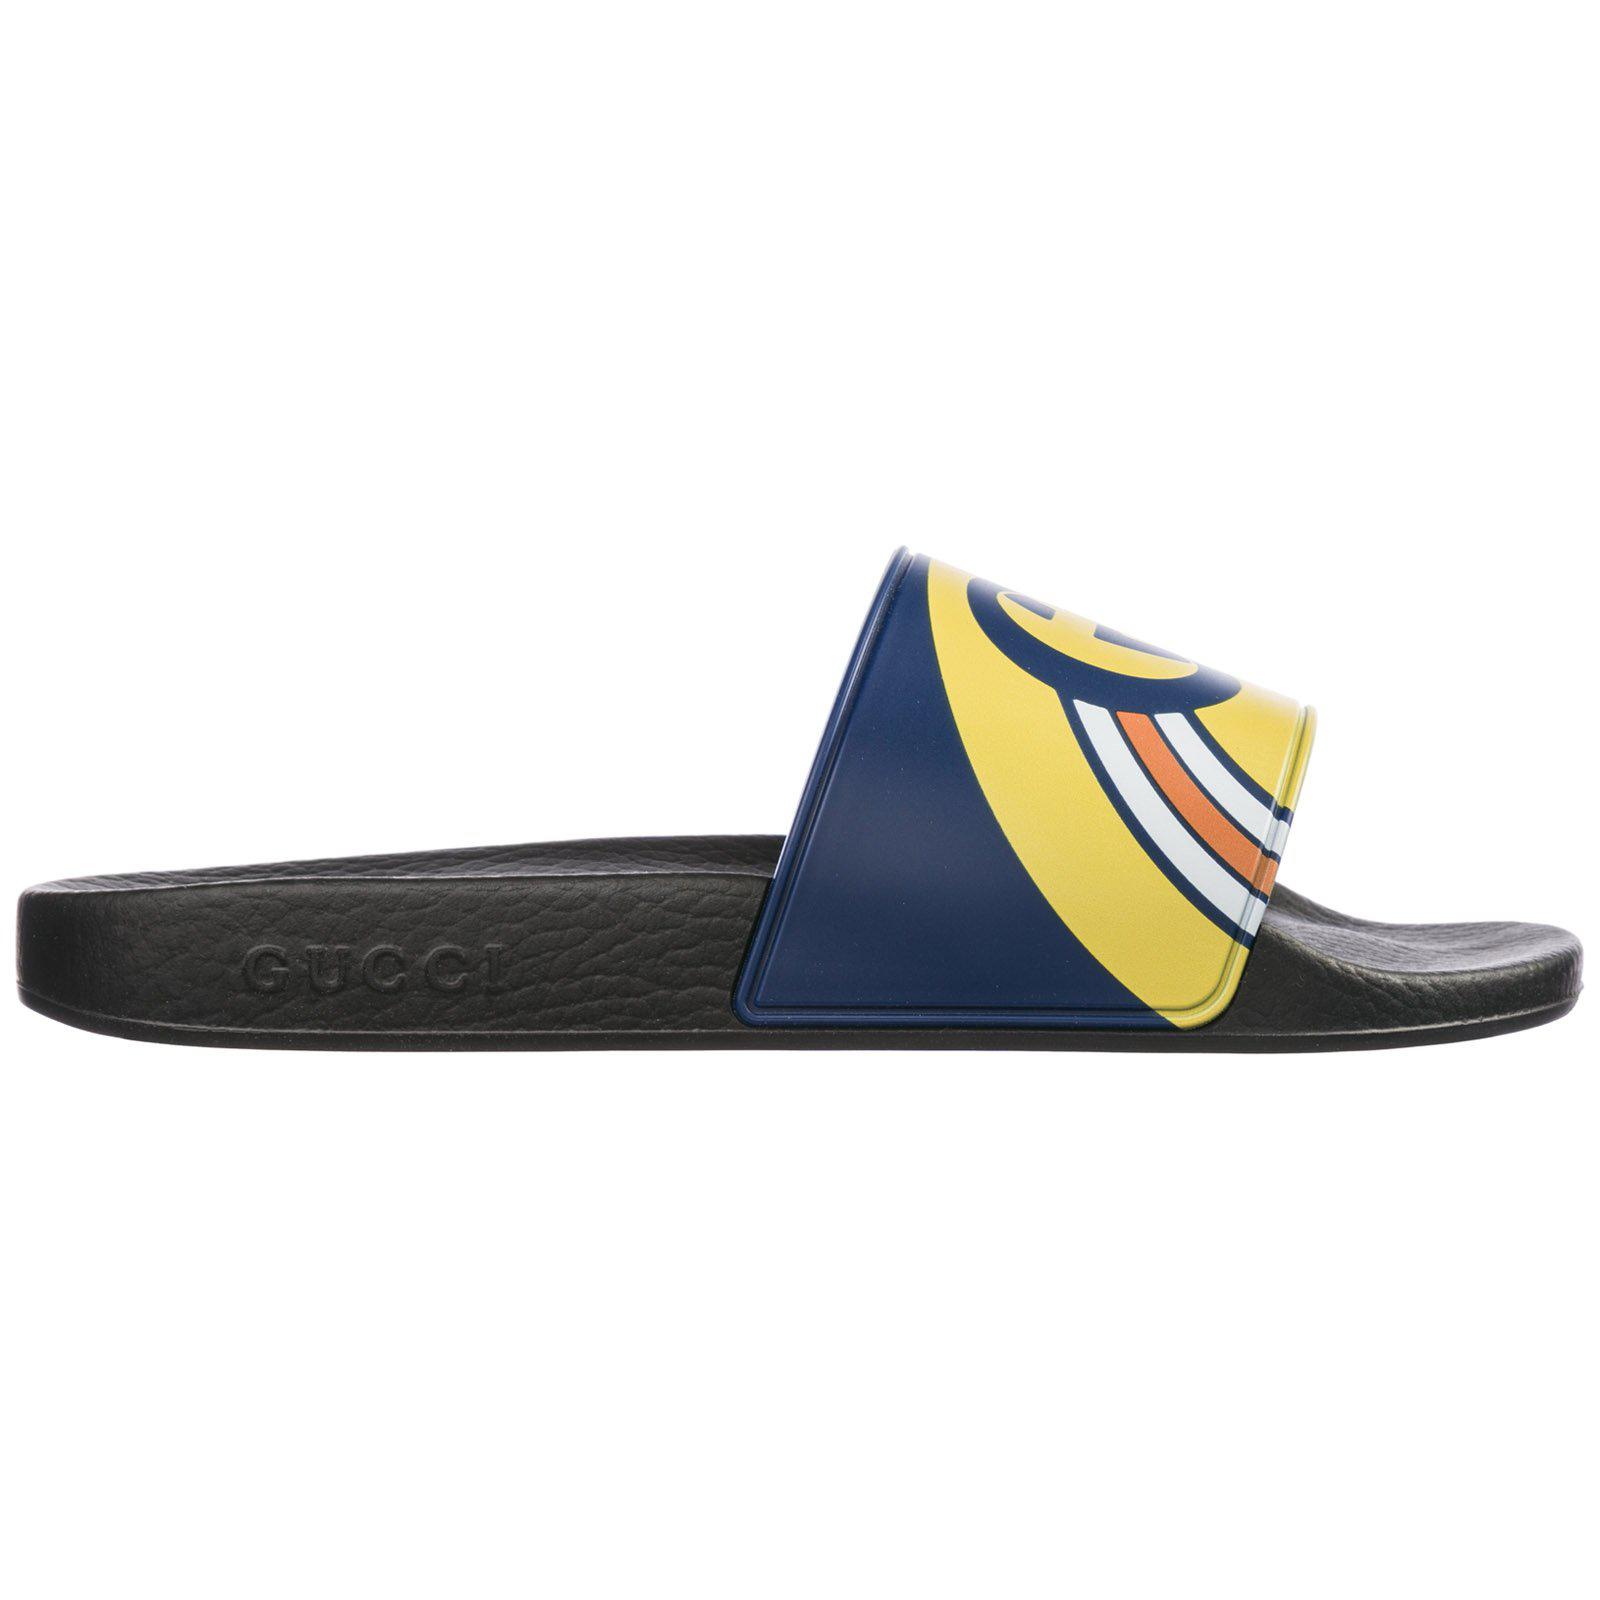 1d86e8e311f5 Gucci Men s Interlocking G Rainbow Rubber Slide Sandals In Blue ...